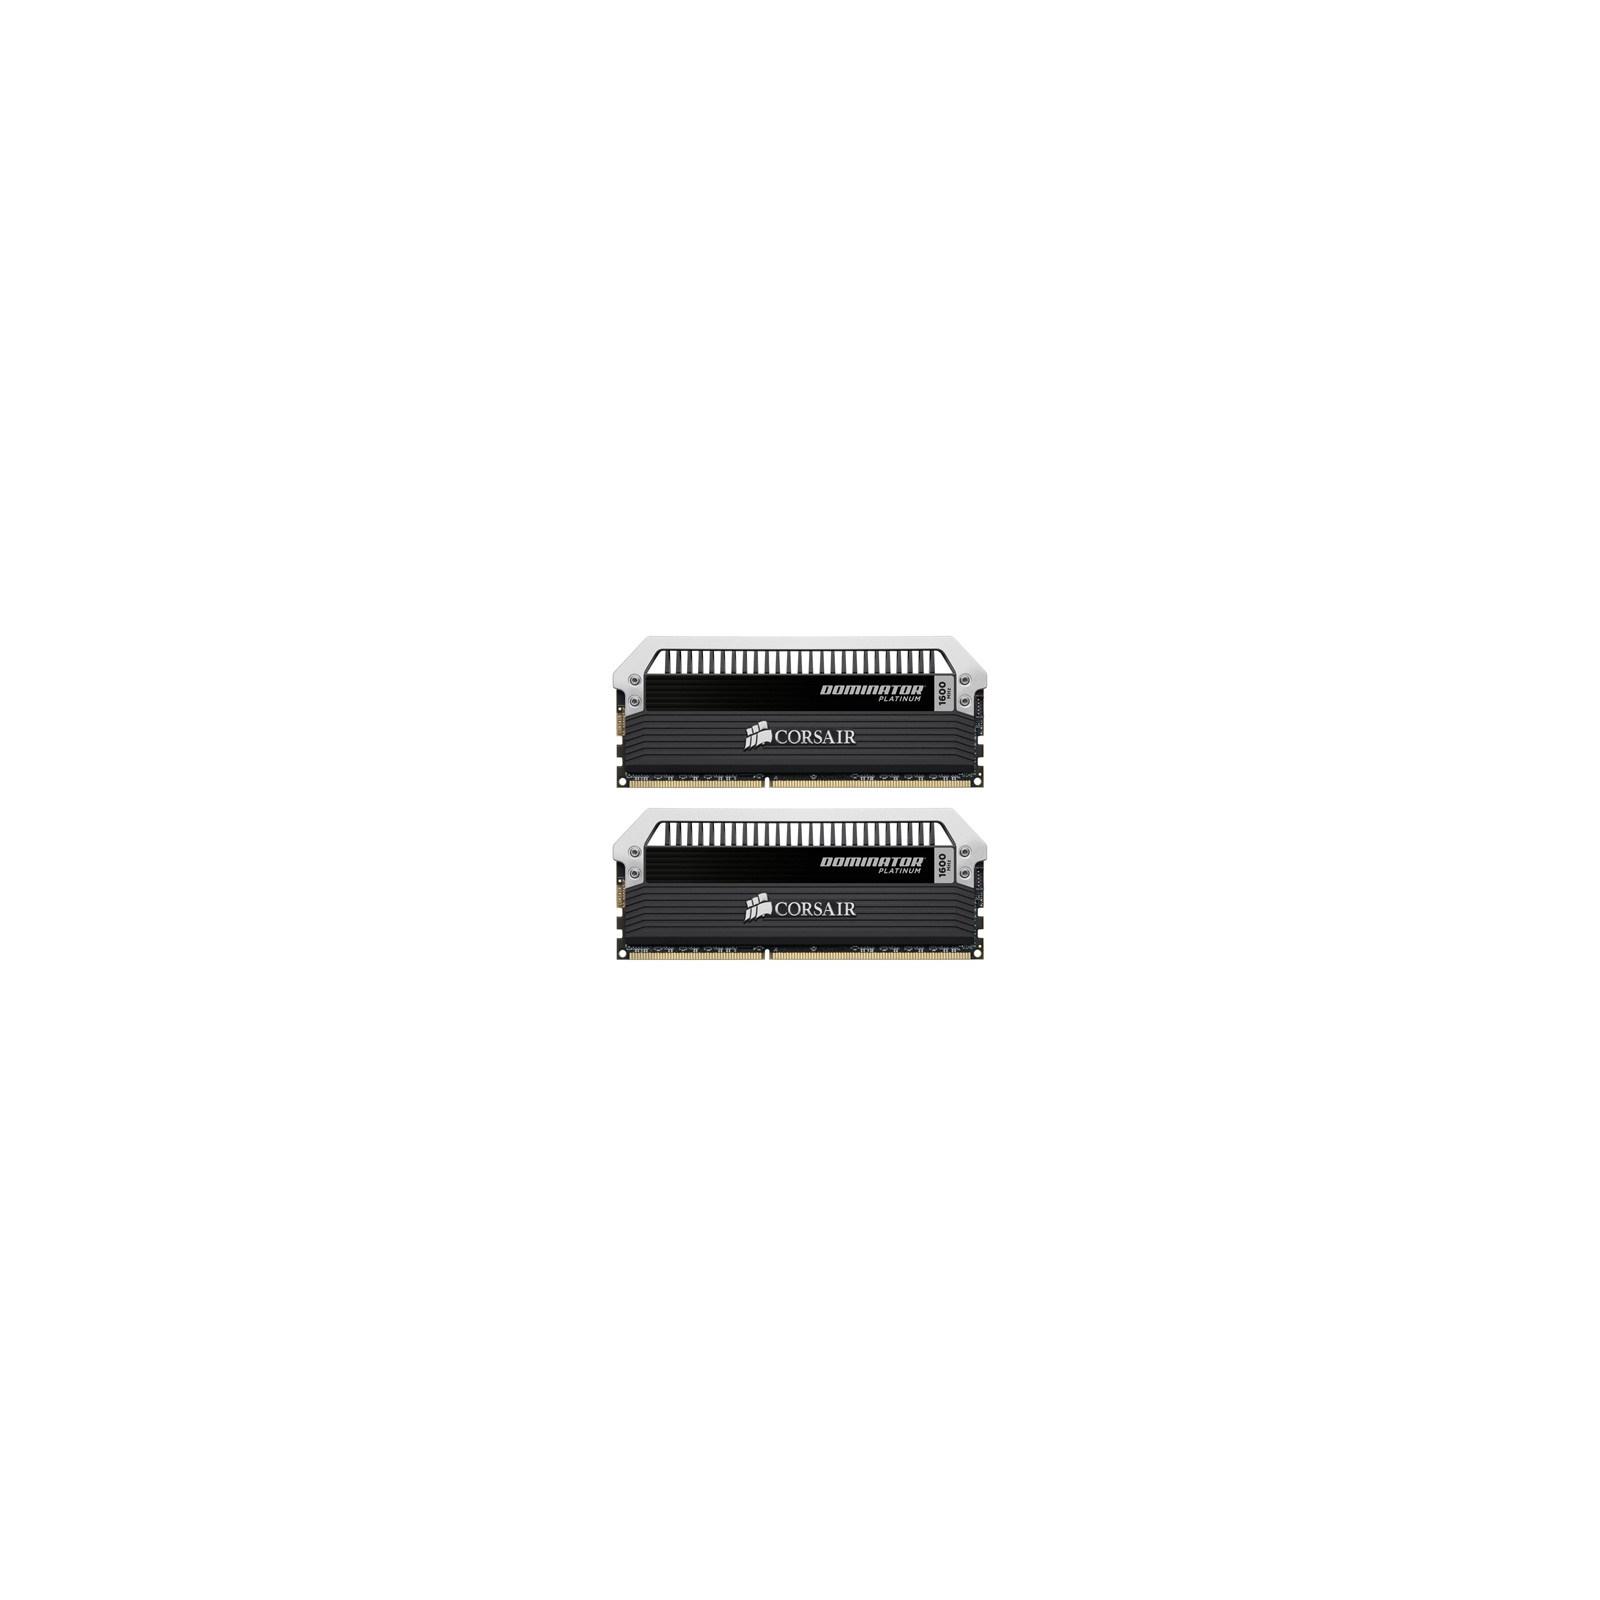 Модуль памяти для компьютера DDR3 8GB (2x4GB) 1600 MHz CORSAIR (CMD8GX3M2A1600C9)